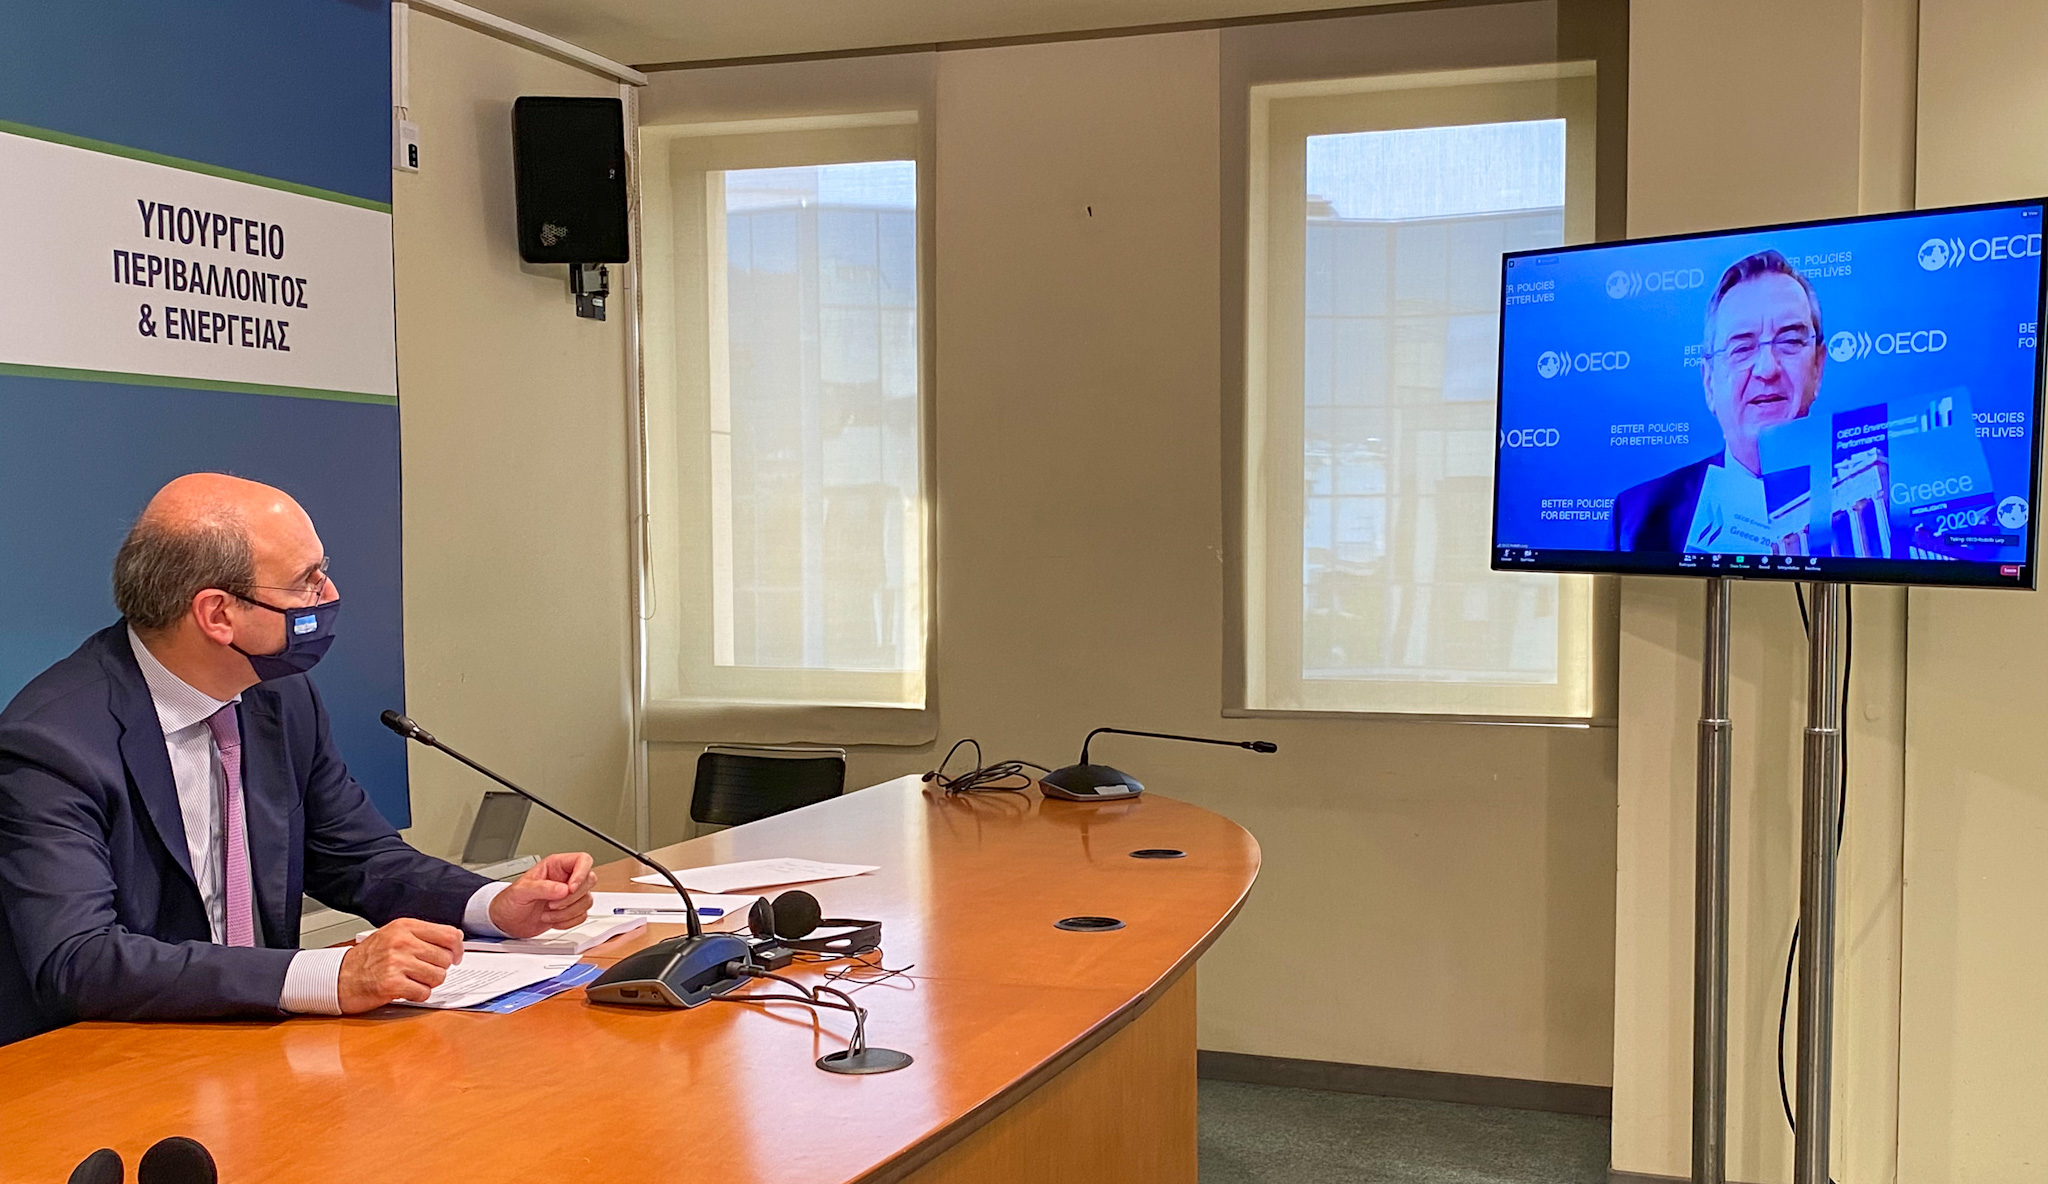 Κ. Χατζηδάκης: Ευρωπαϊκά κονδύλια άνω των 10 δισ. ευρώ για «πράσινες» δράσεις